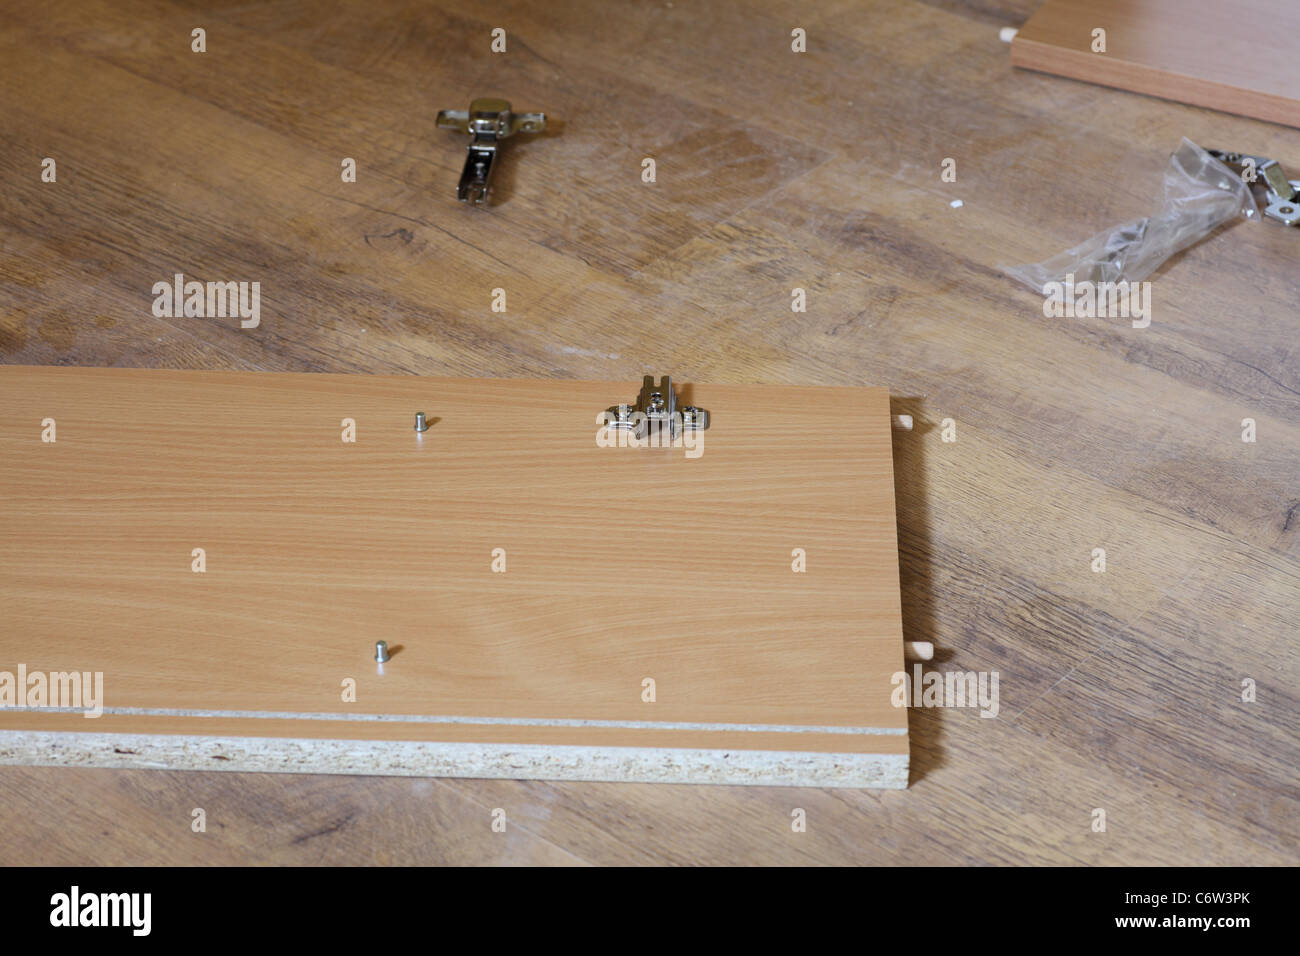 Möbelbefestigung Stockfotos Möbelbefestigung Bilder Alamy